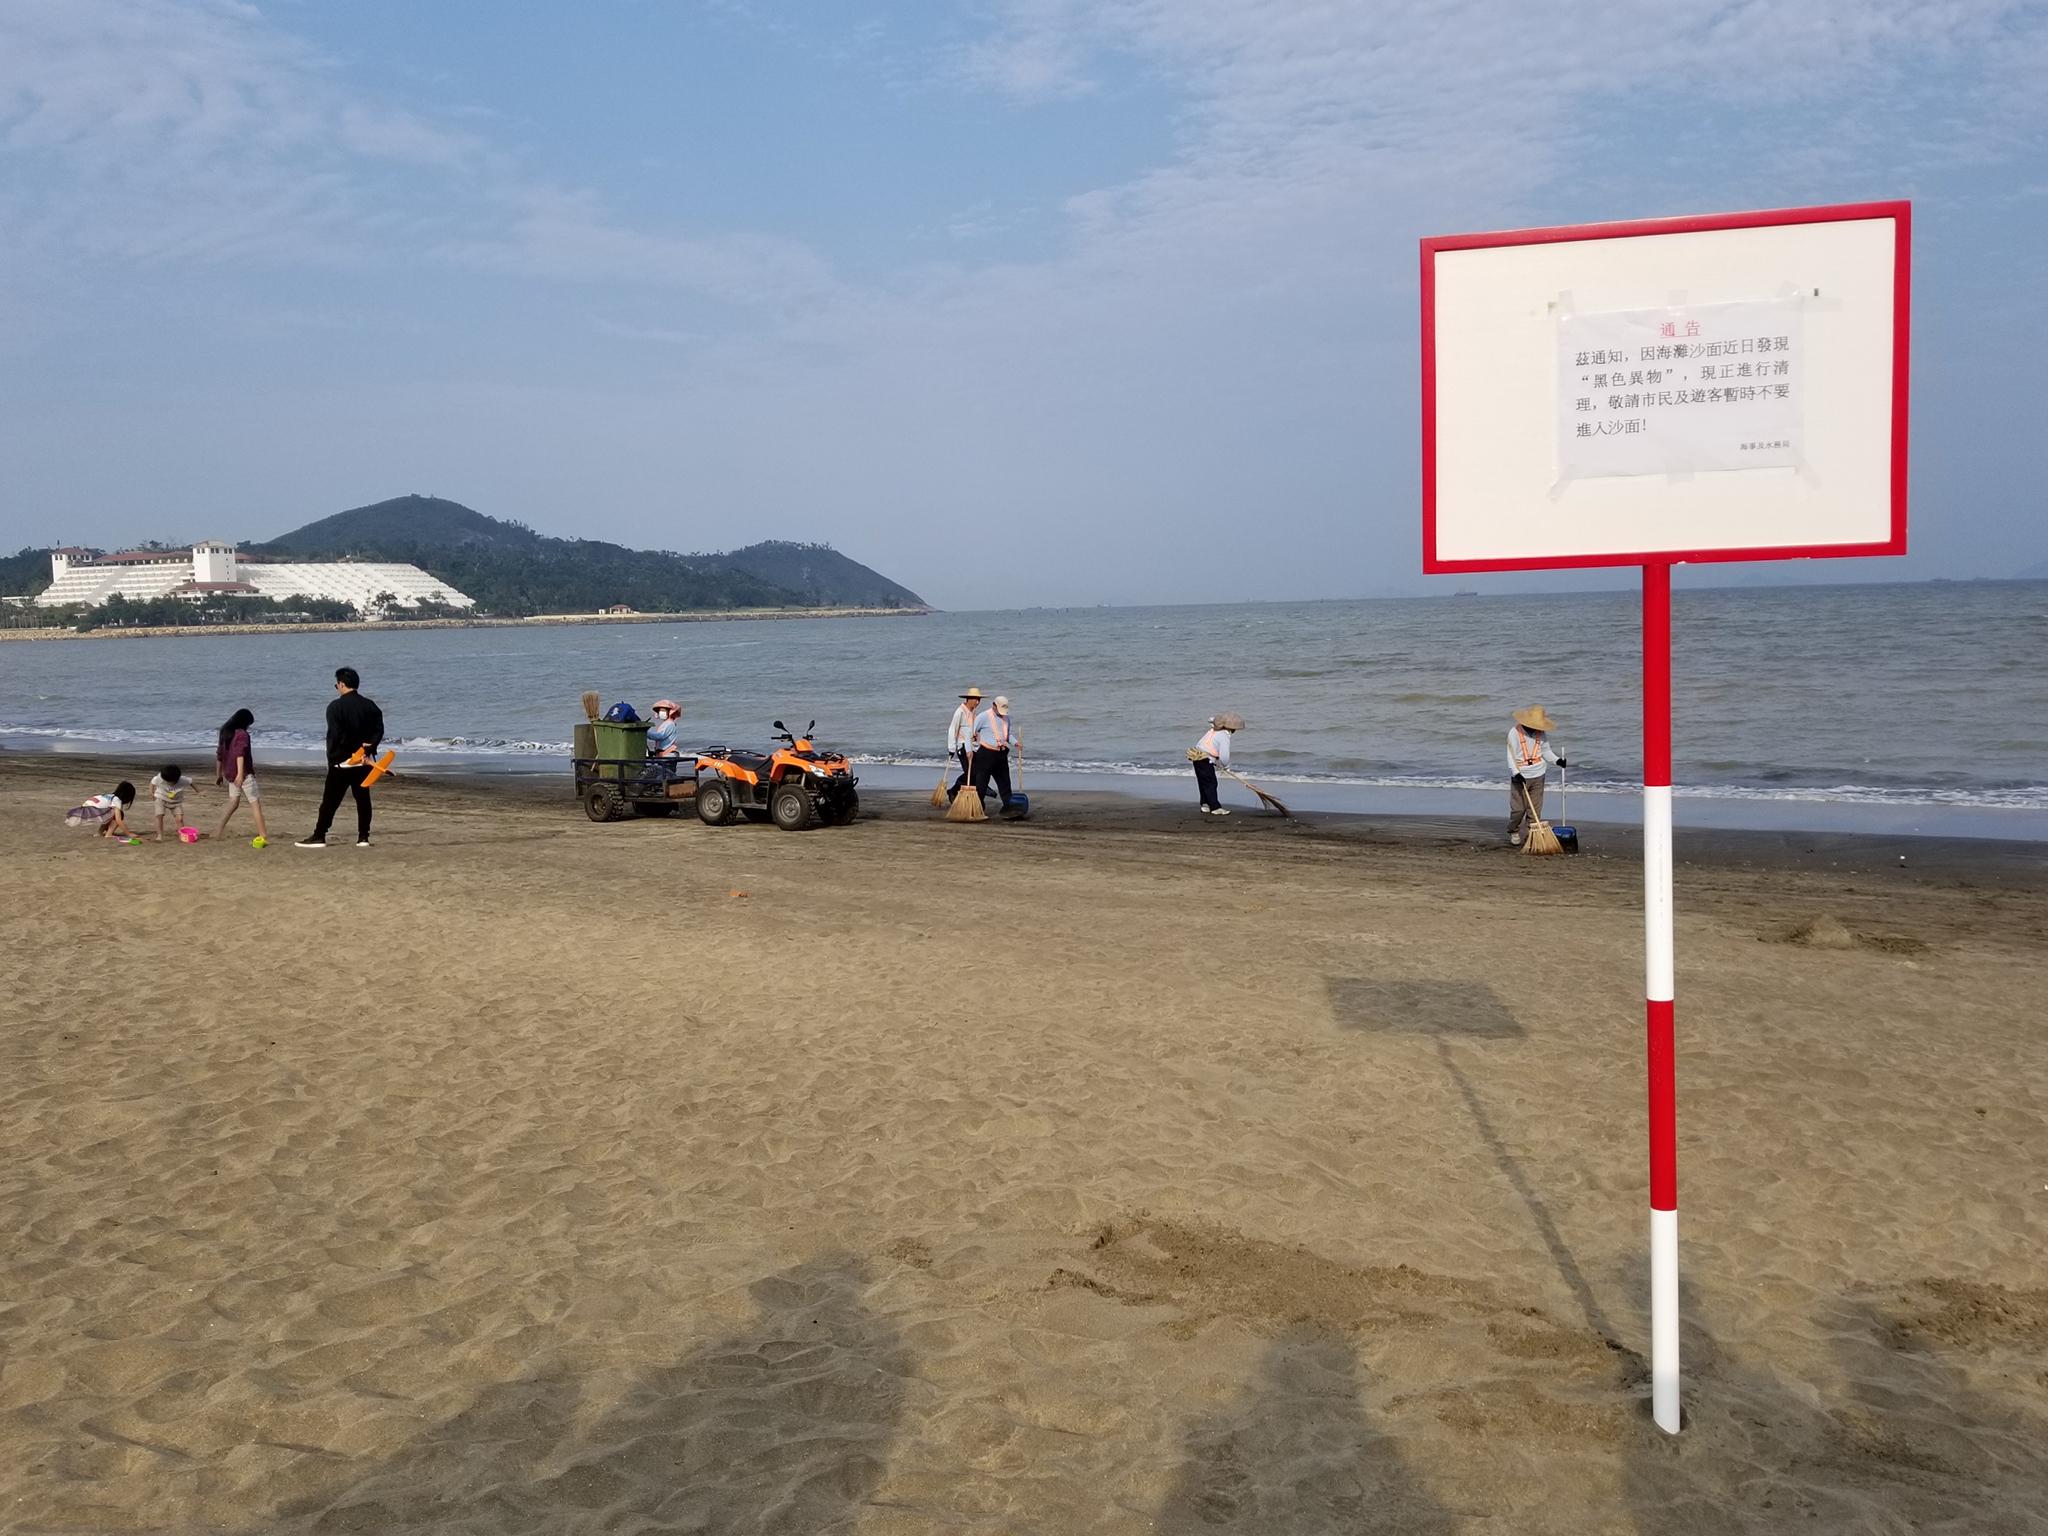 Combustíveis voltam a aparecer na Praia de Hác Sá